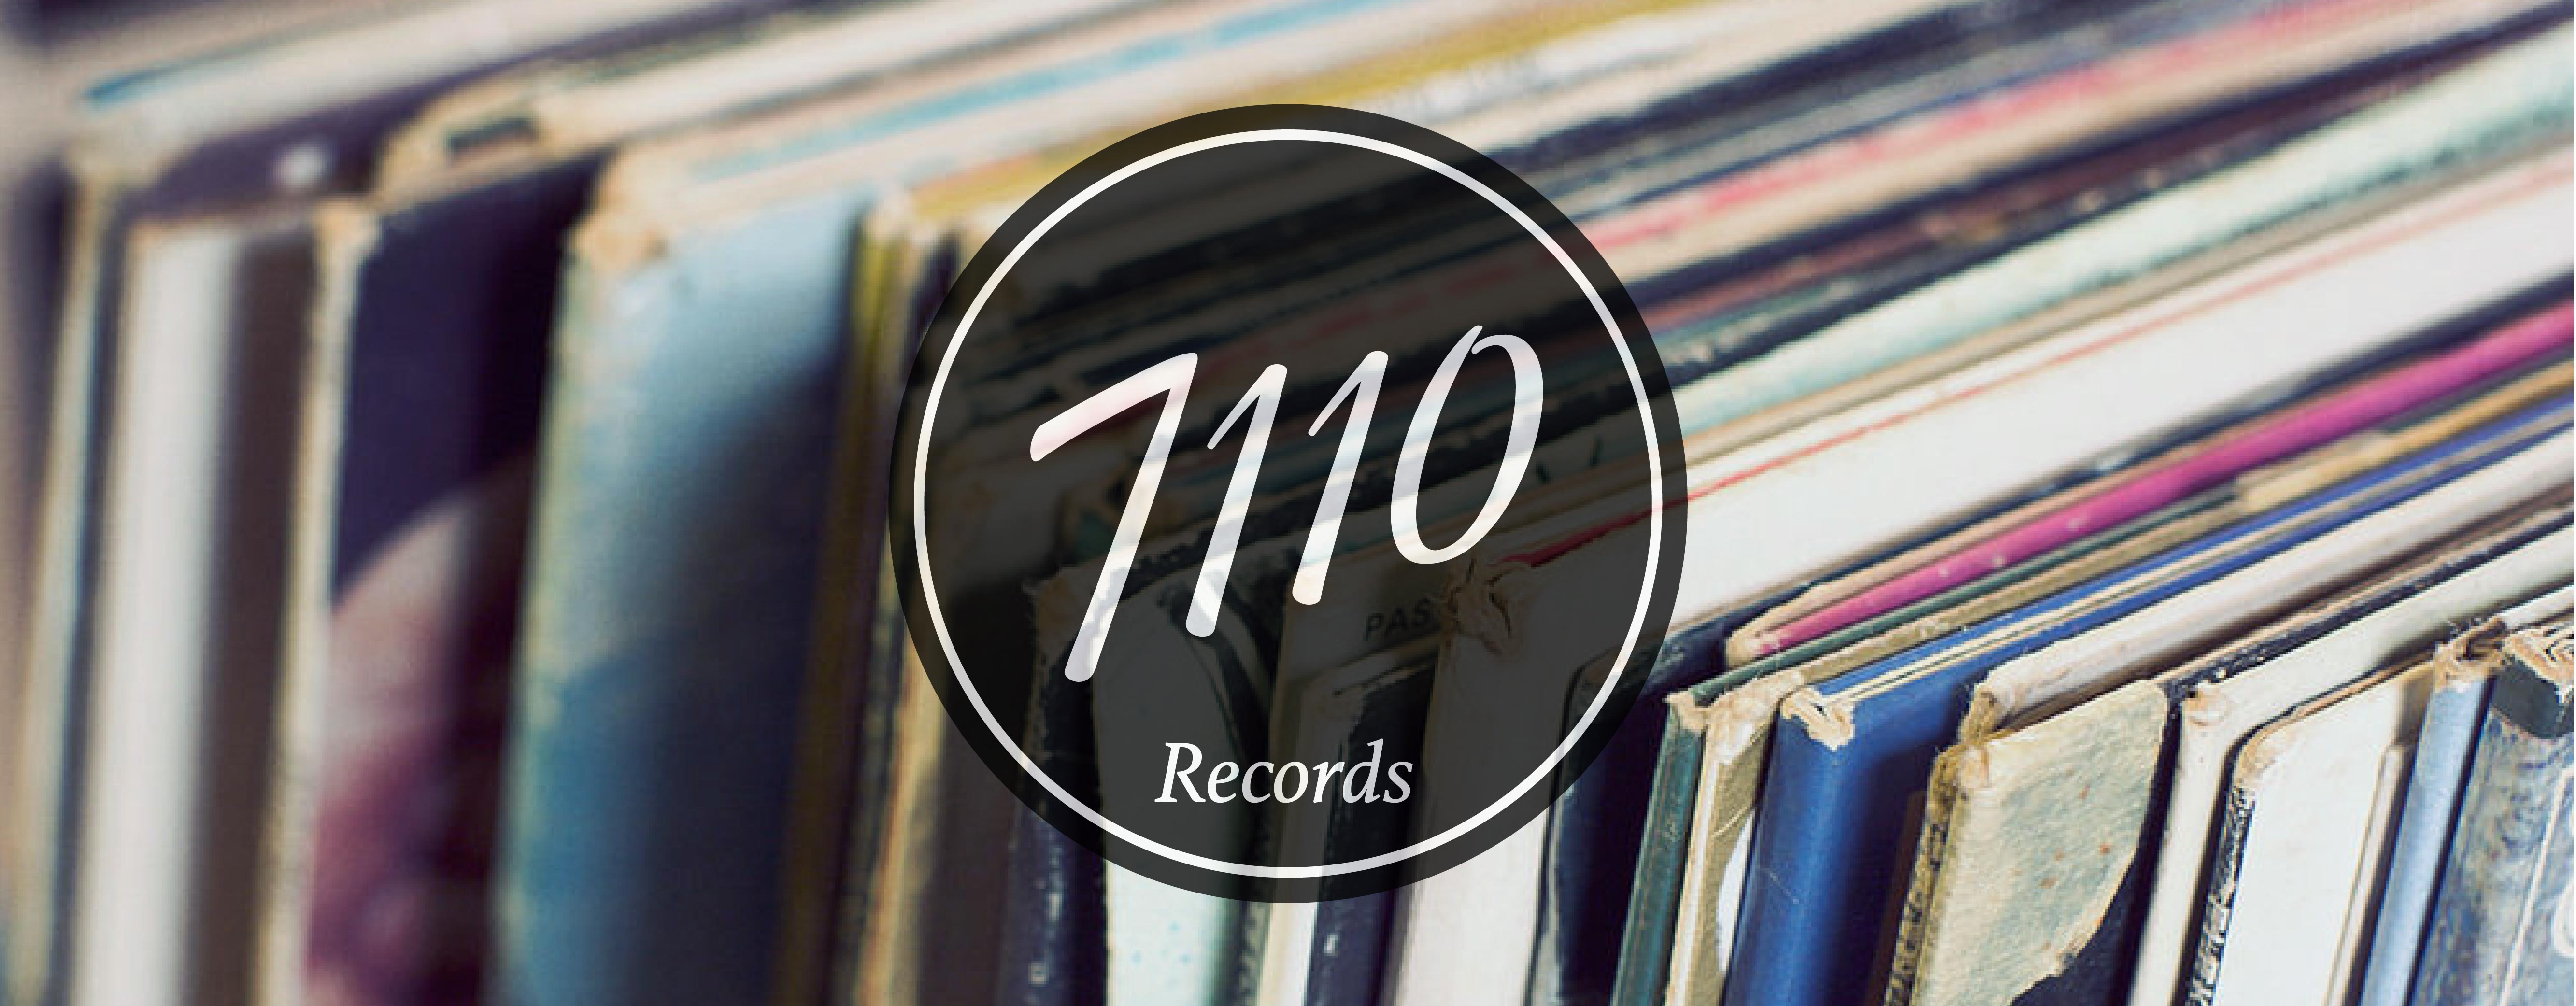 7110 Records | オンラインレコードストア紹介画像1